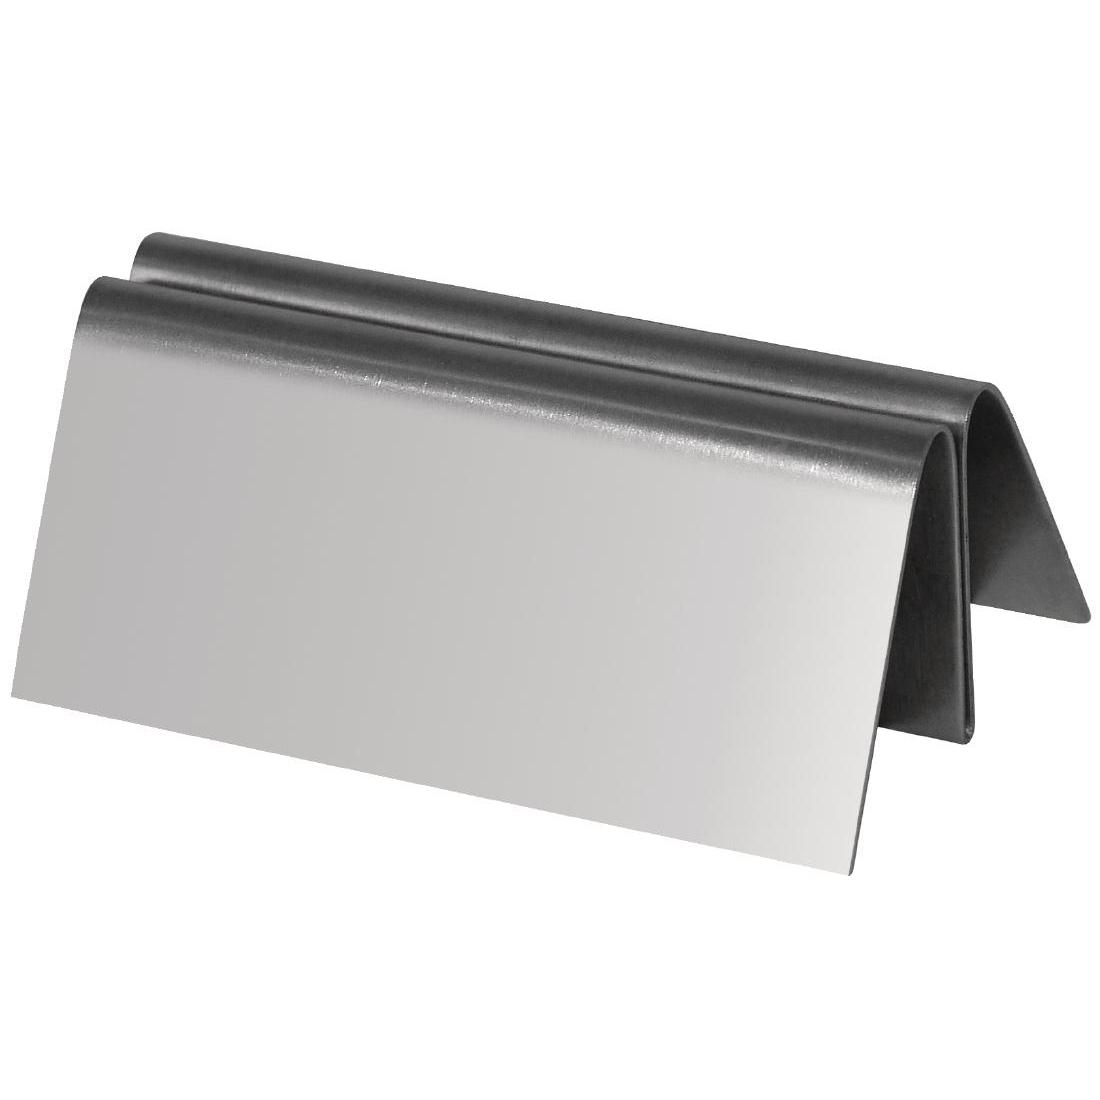 Porte-menu en acier inoxydable